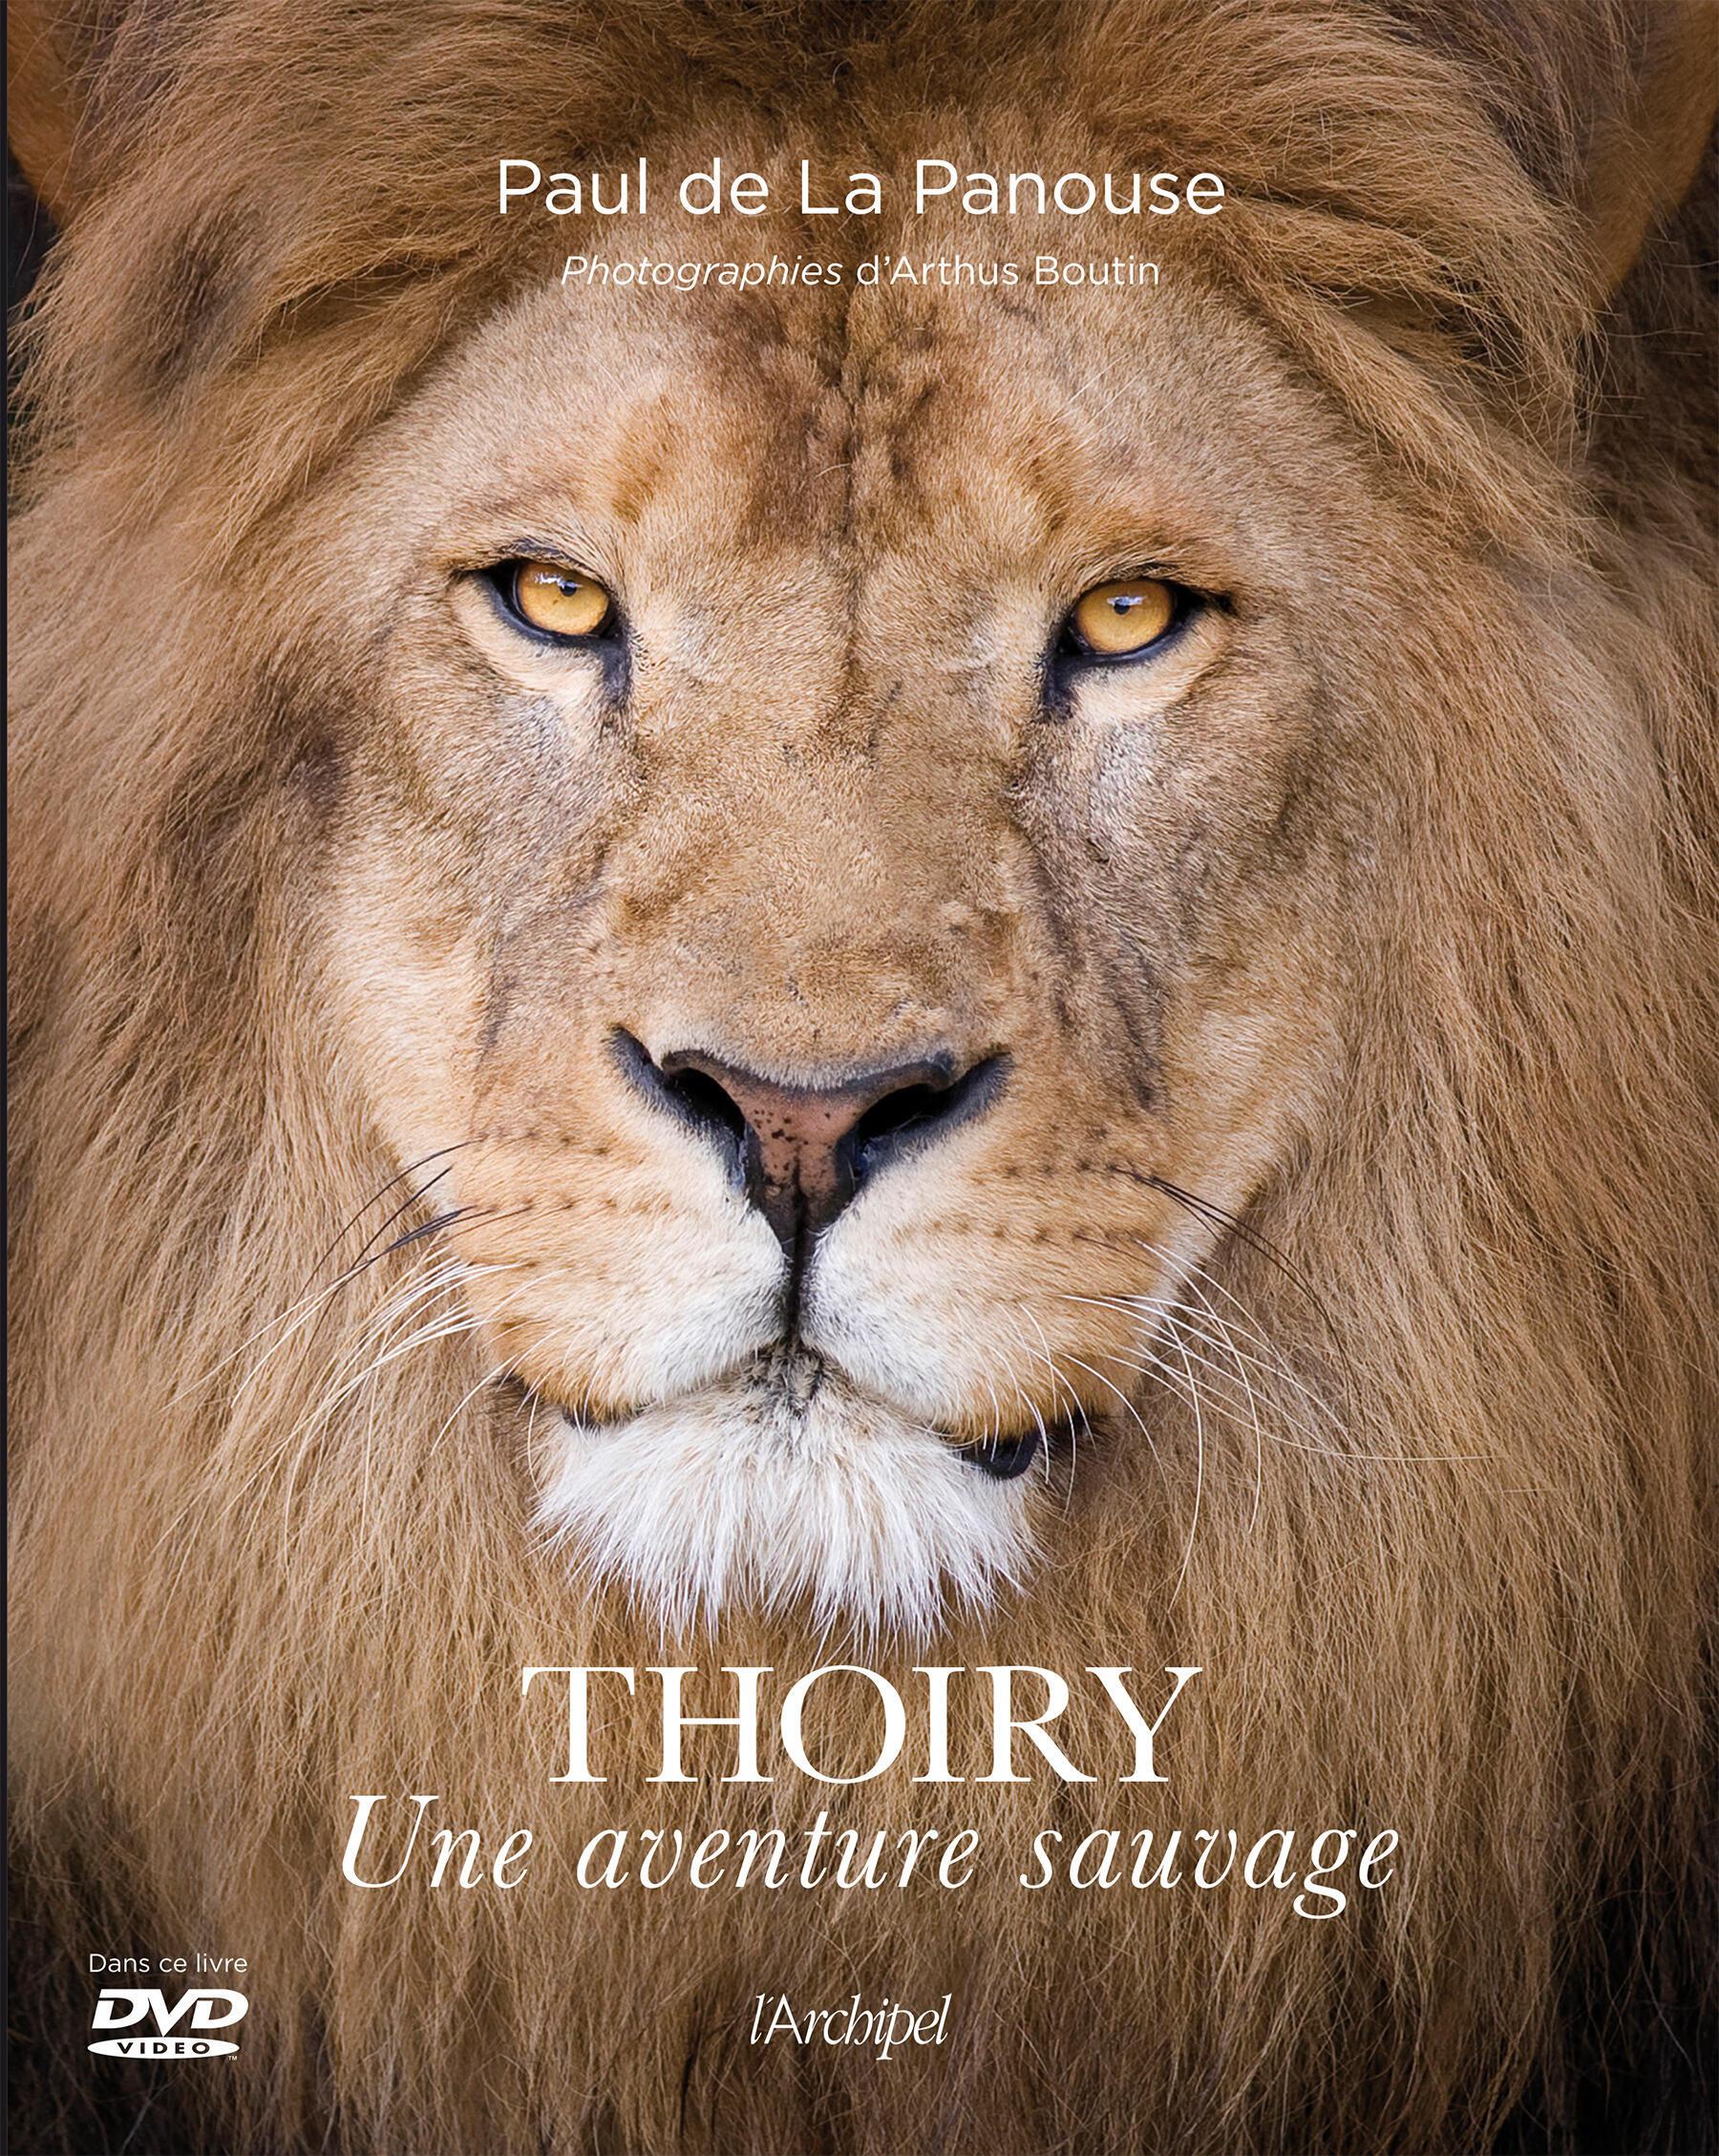 Couverture du beau livre «Thoiry une aventure sauvage», de Paul de la Panouse.